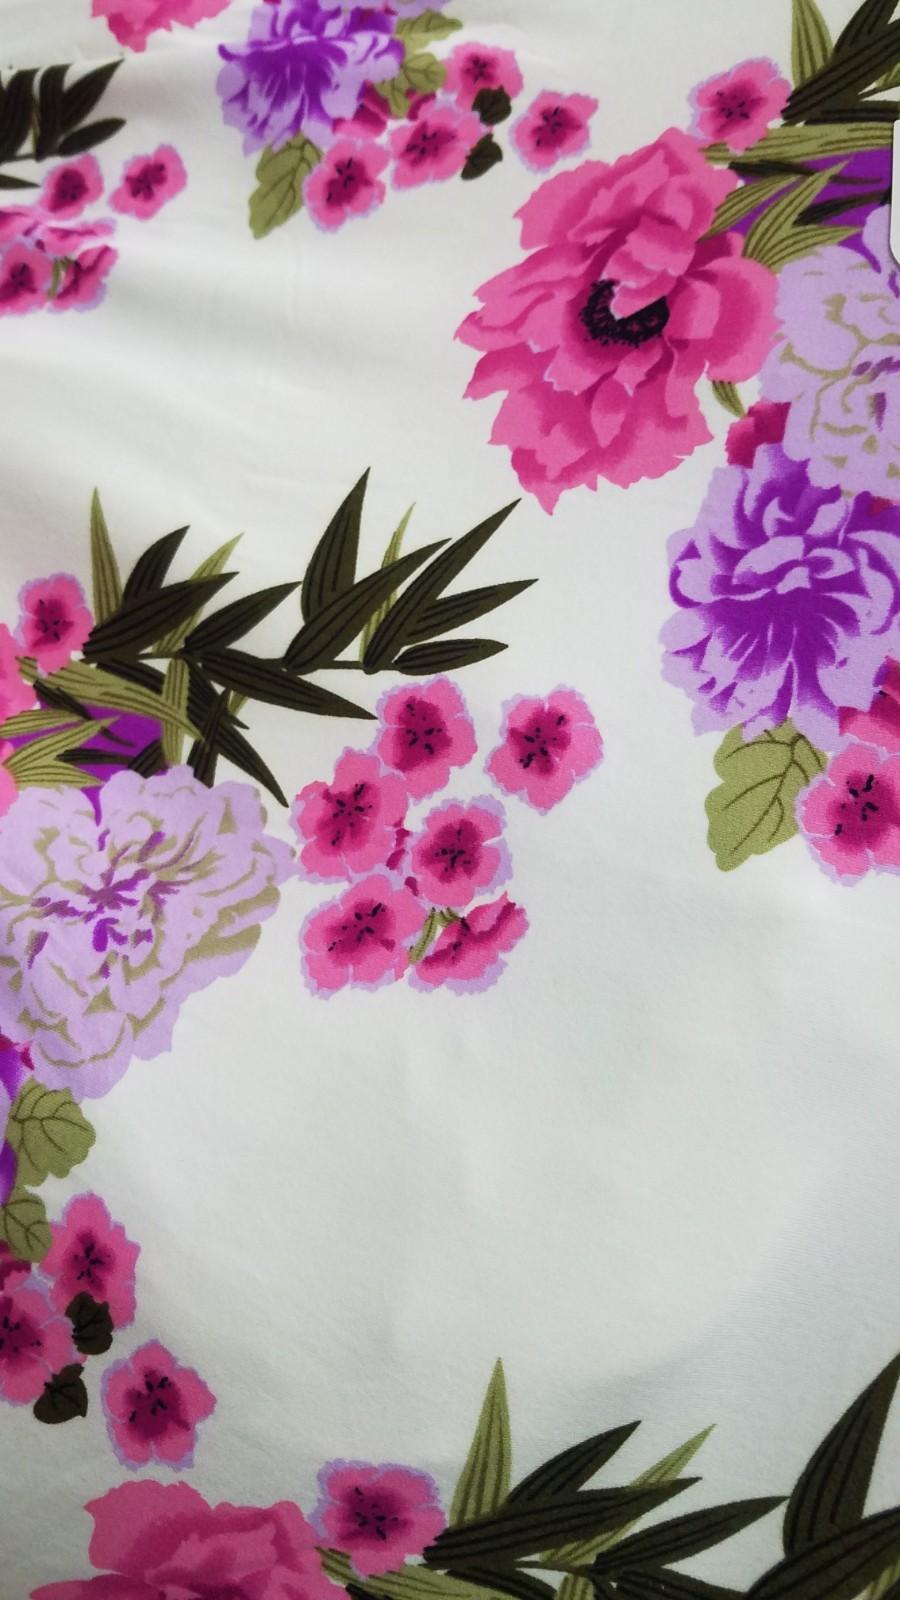 פרחים רקע לבן